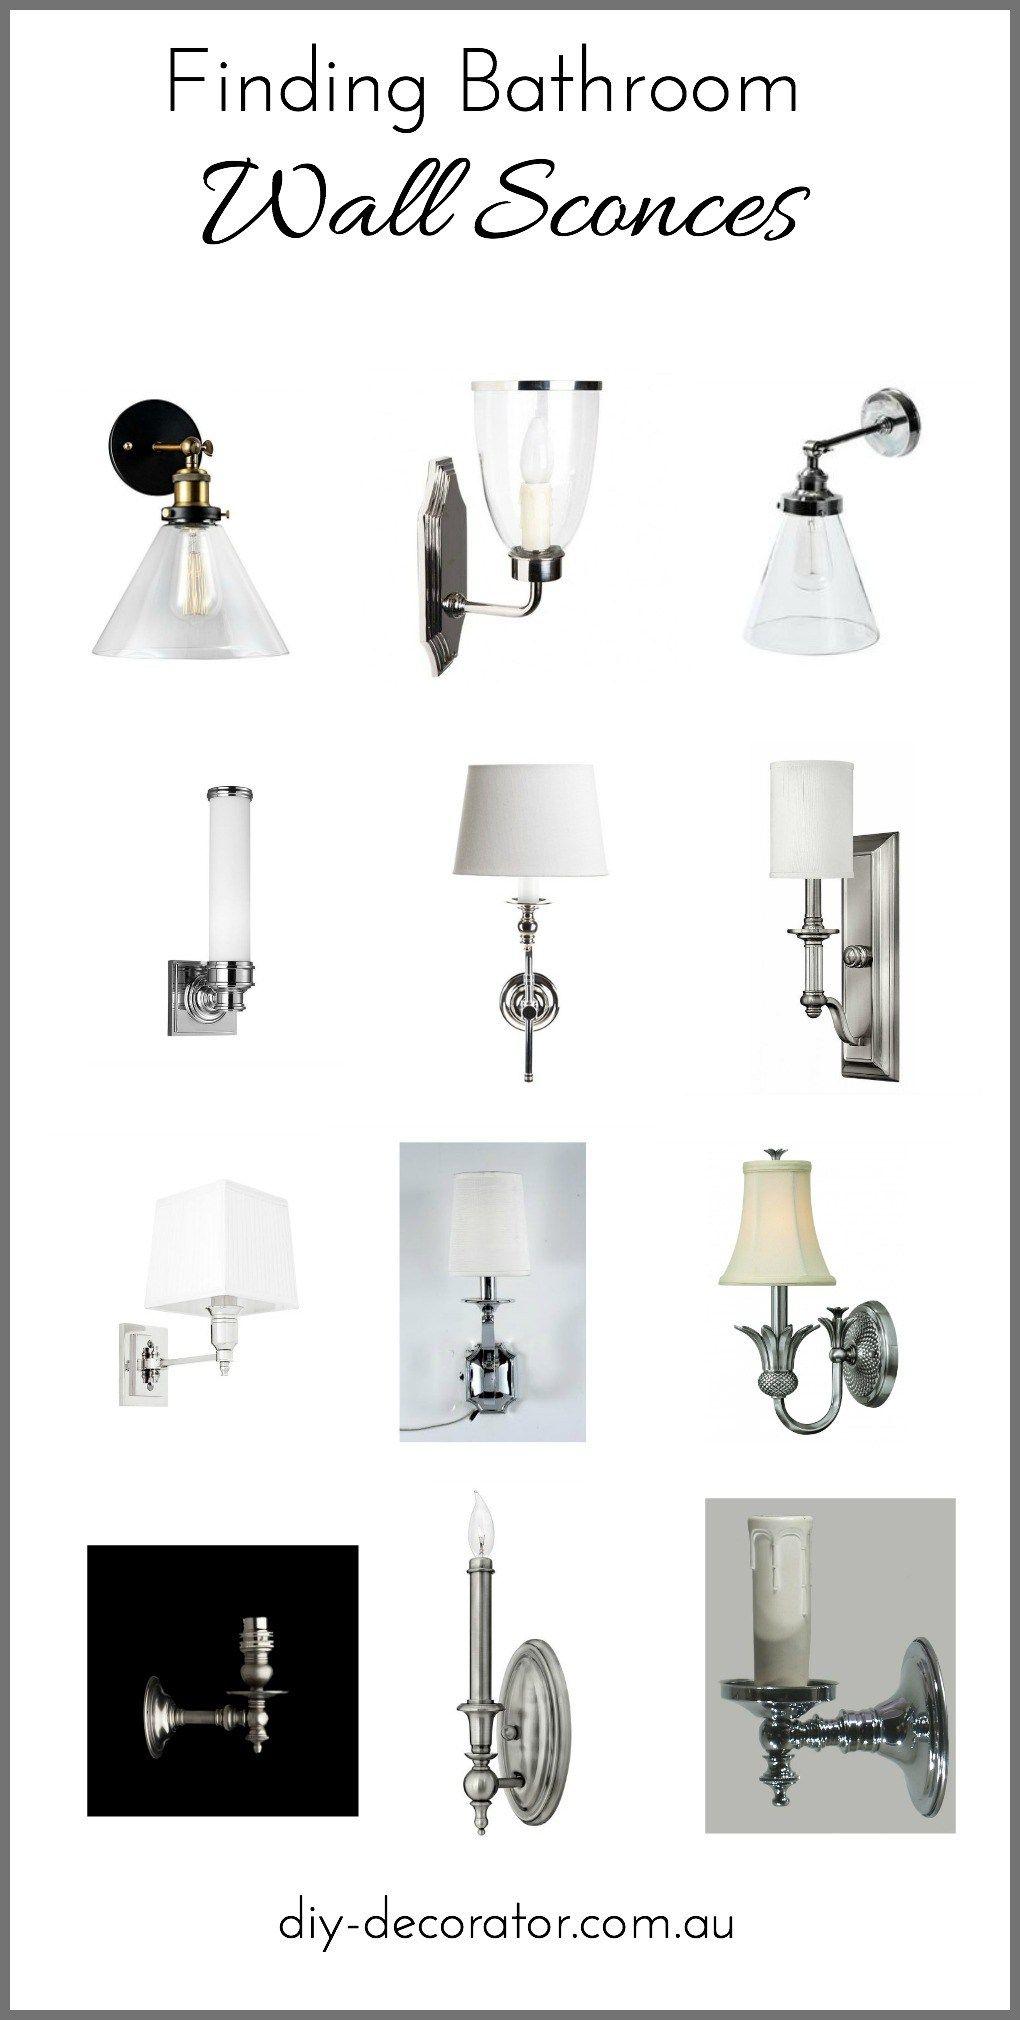 Ensuite Reno Wall Sconces Diy Decorator Bathroom Wall Sconces Wall Sconces Living Room Lighting Wall Sconces Bedroom